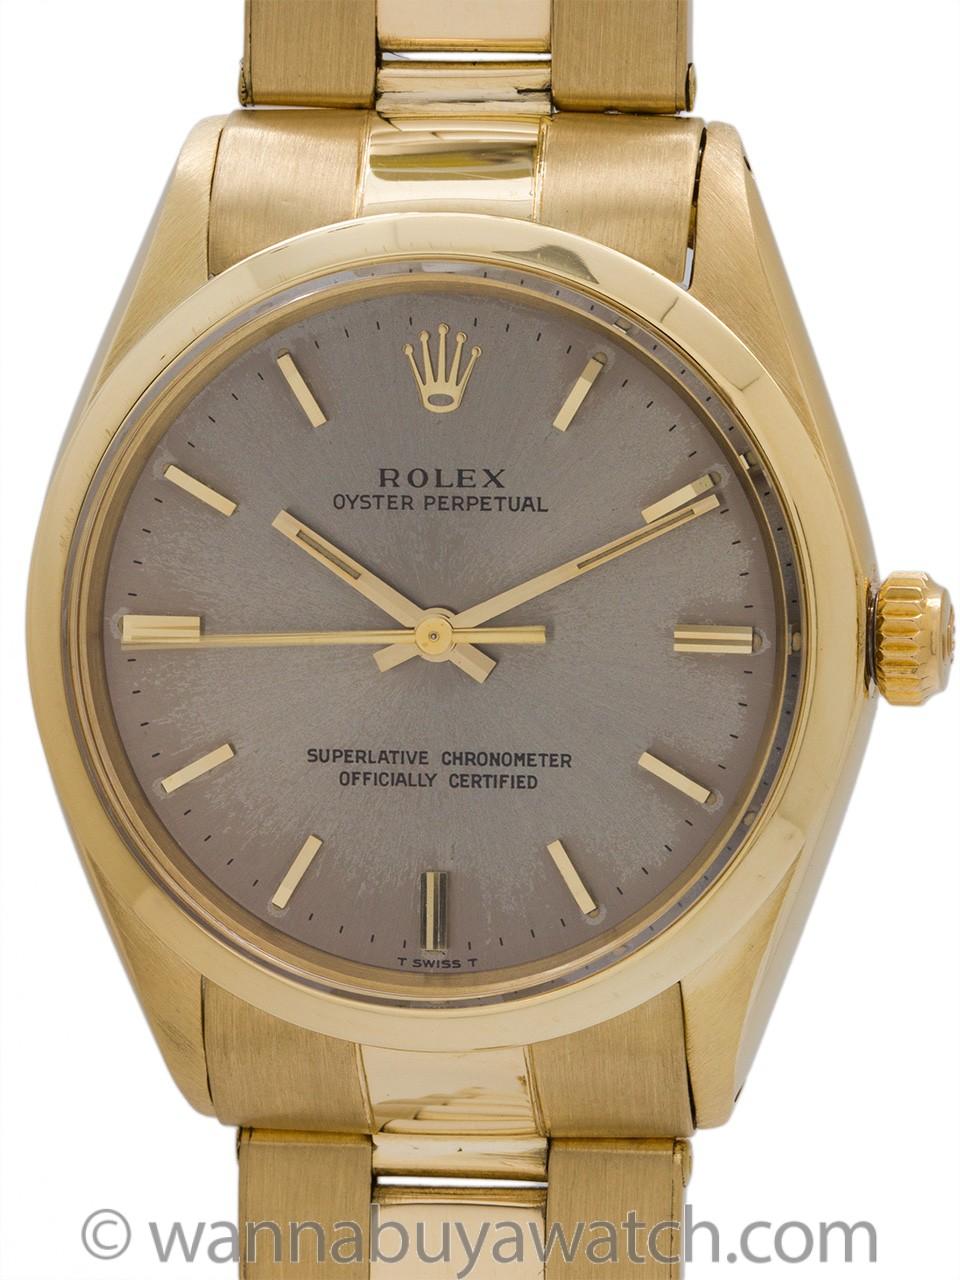 Rolex 14K YG Oyster Perpetual ref 1002 circa 1964